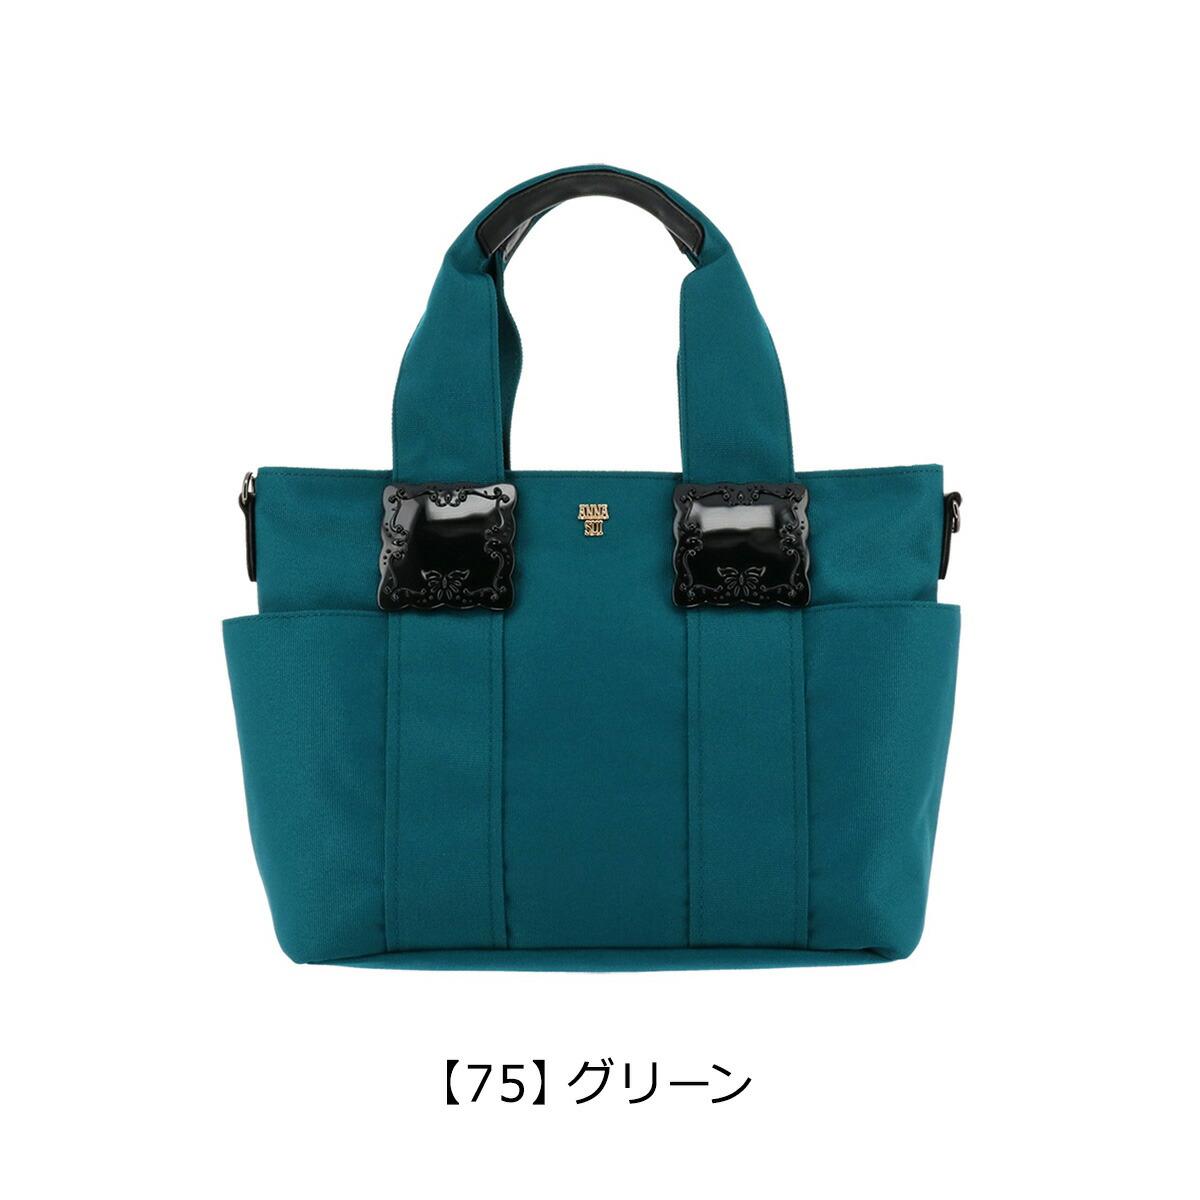 【75】グリーン